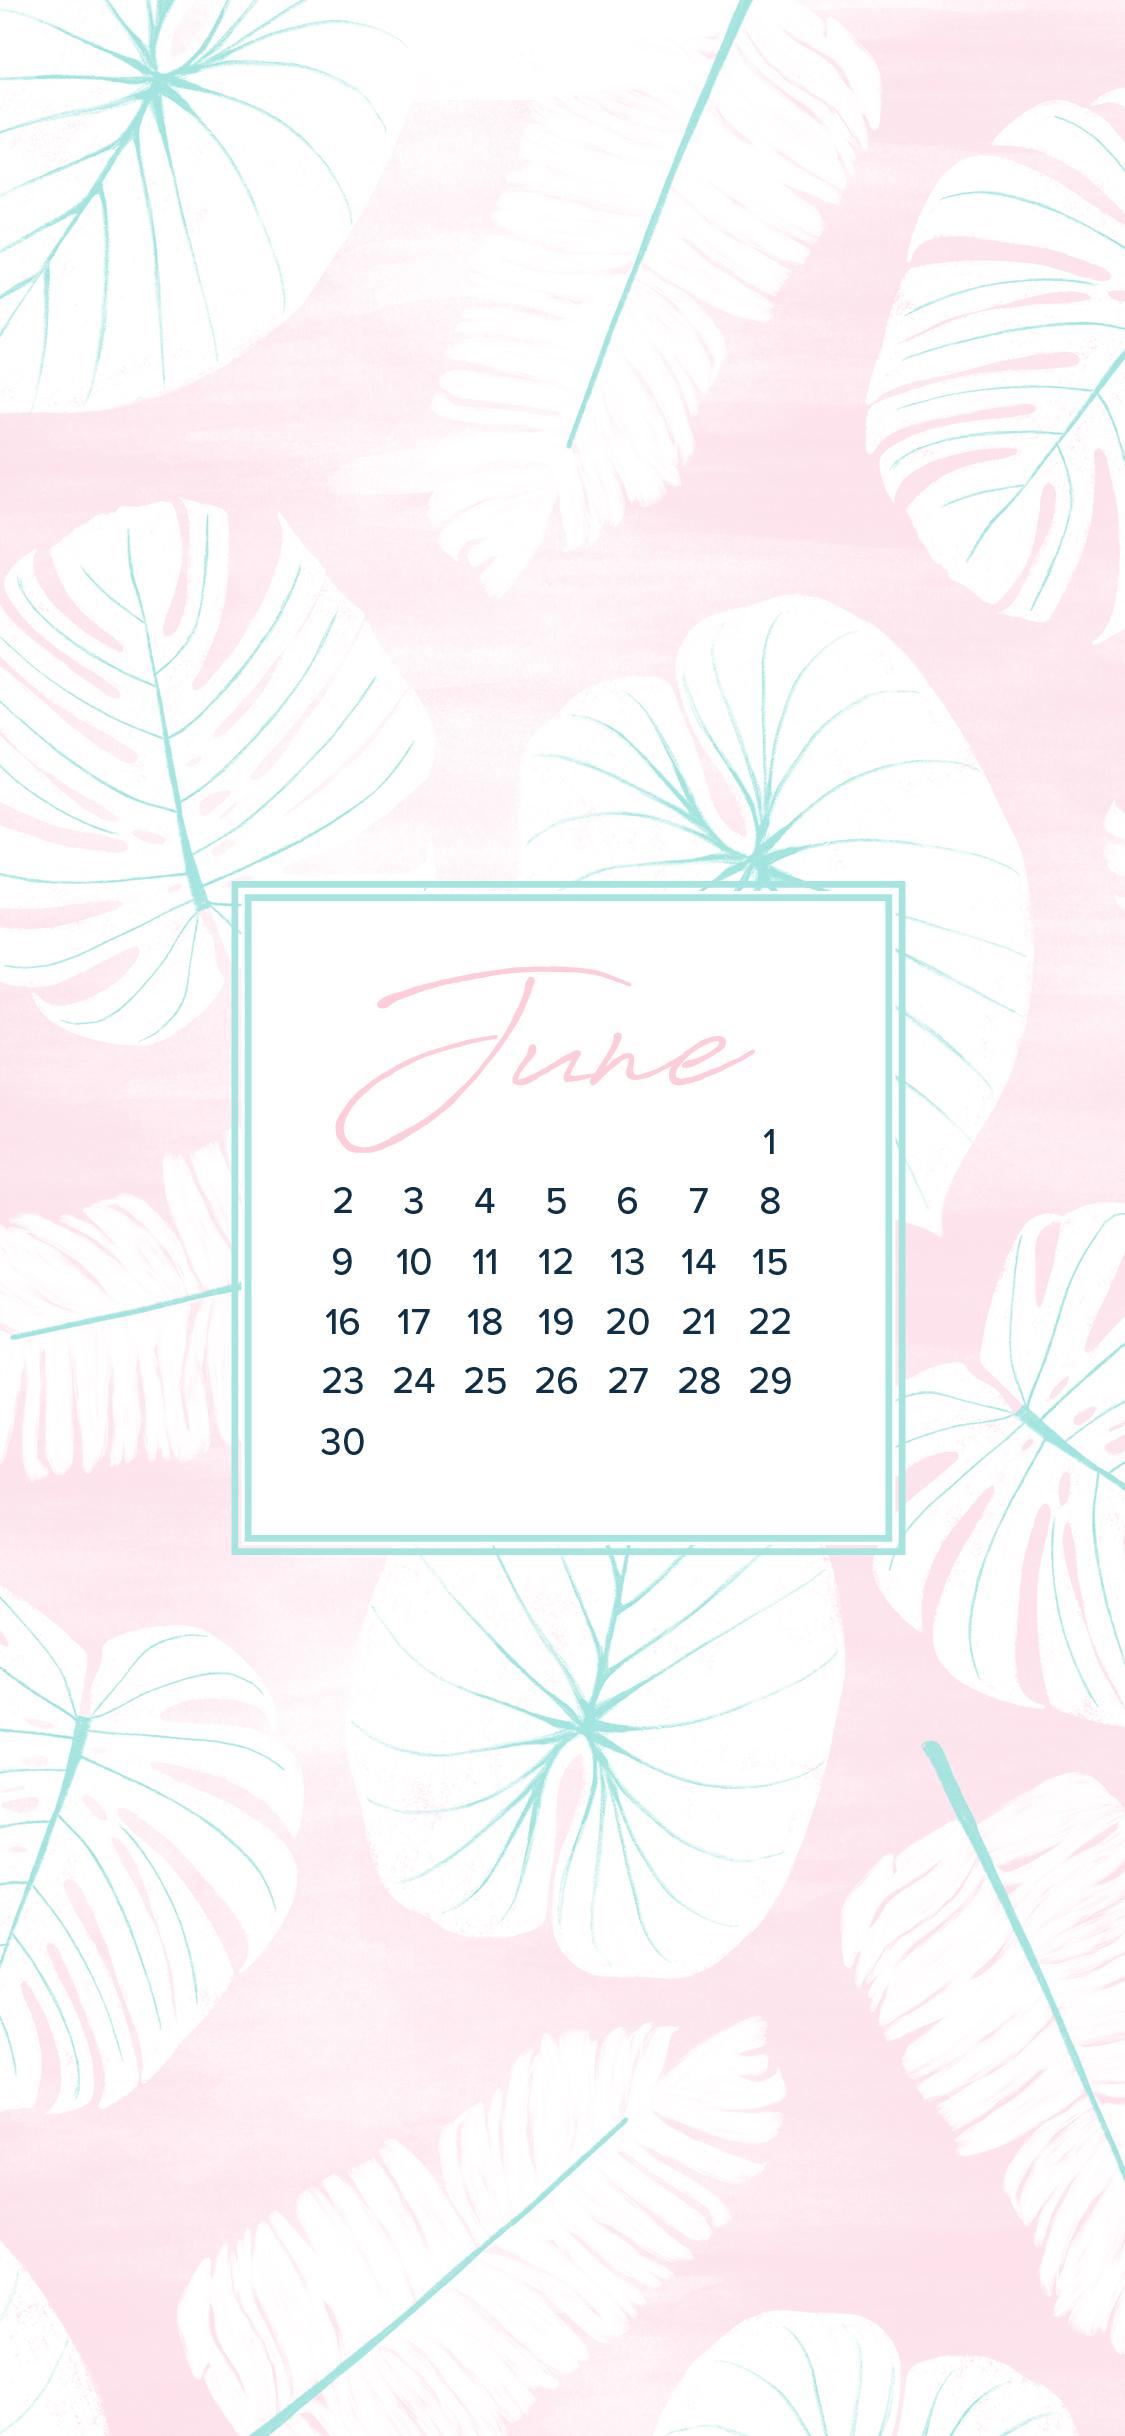 June_Summer_Freebies_4b.jpg